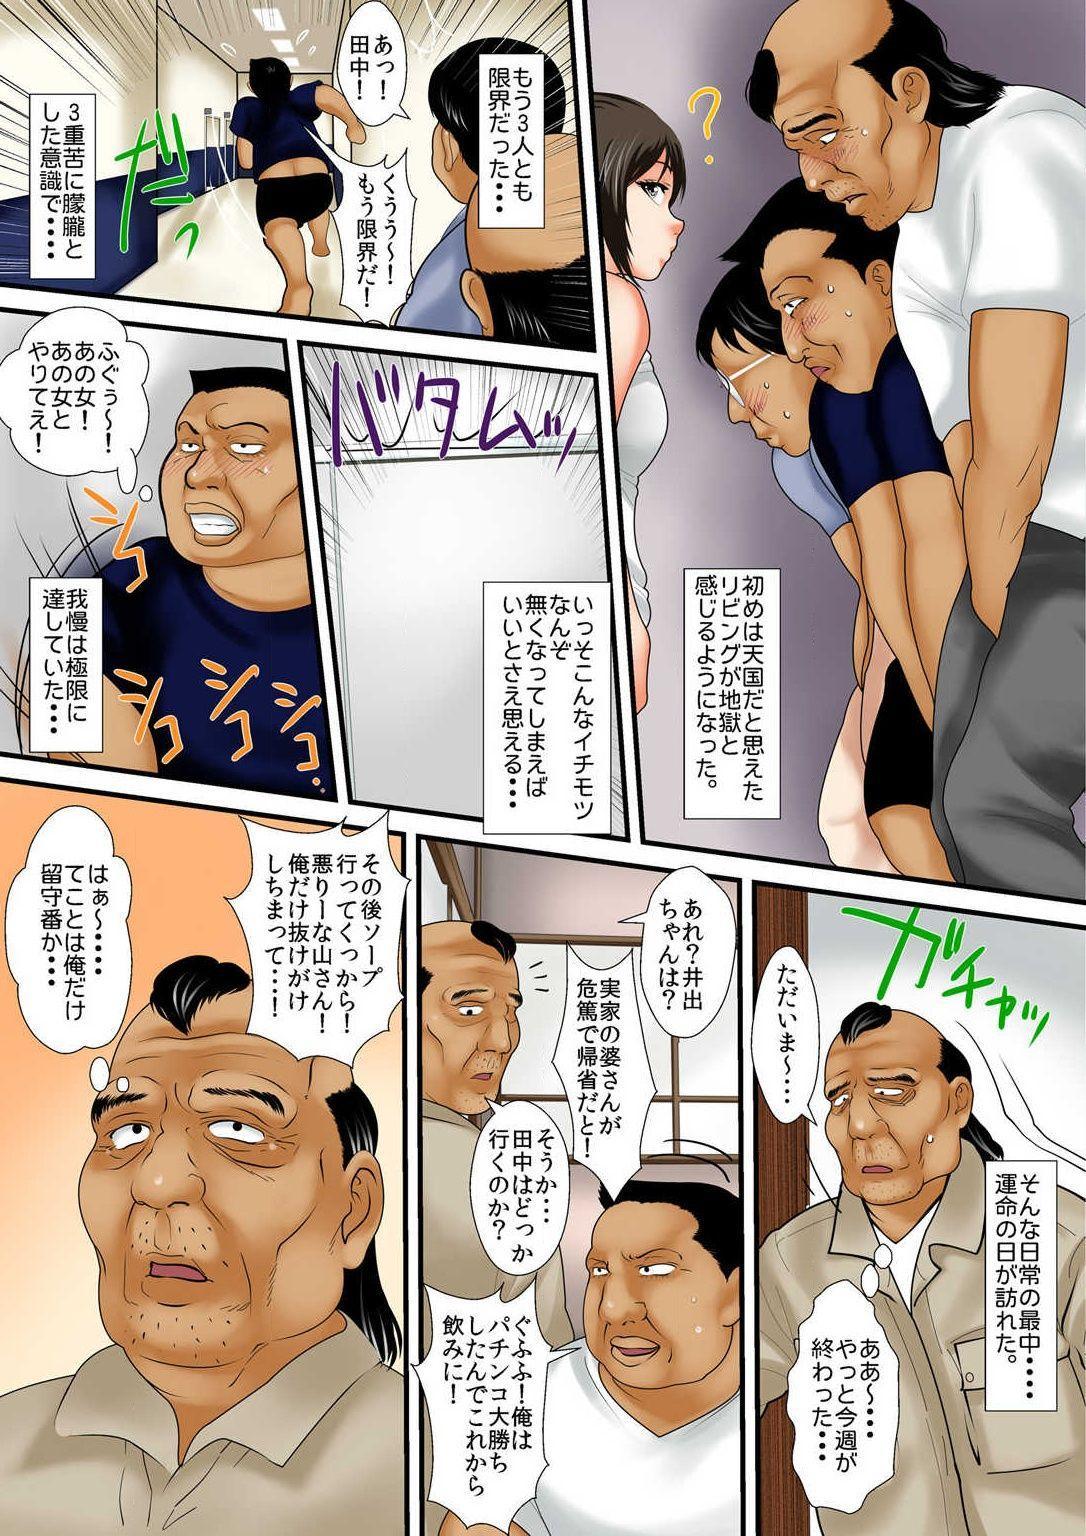 Zetsurin Oyaji ga Joshiryou de ~Sonna ni Dashitara Ninshin shichau!! 1 18